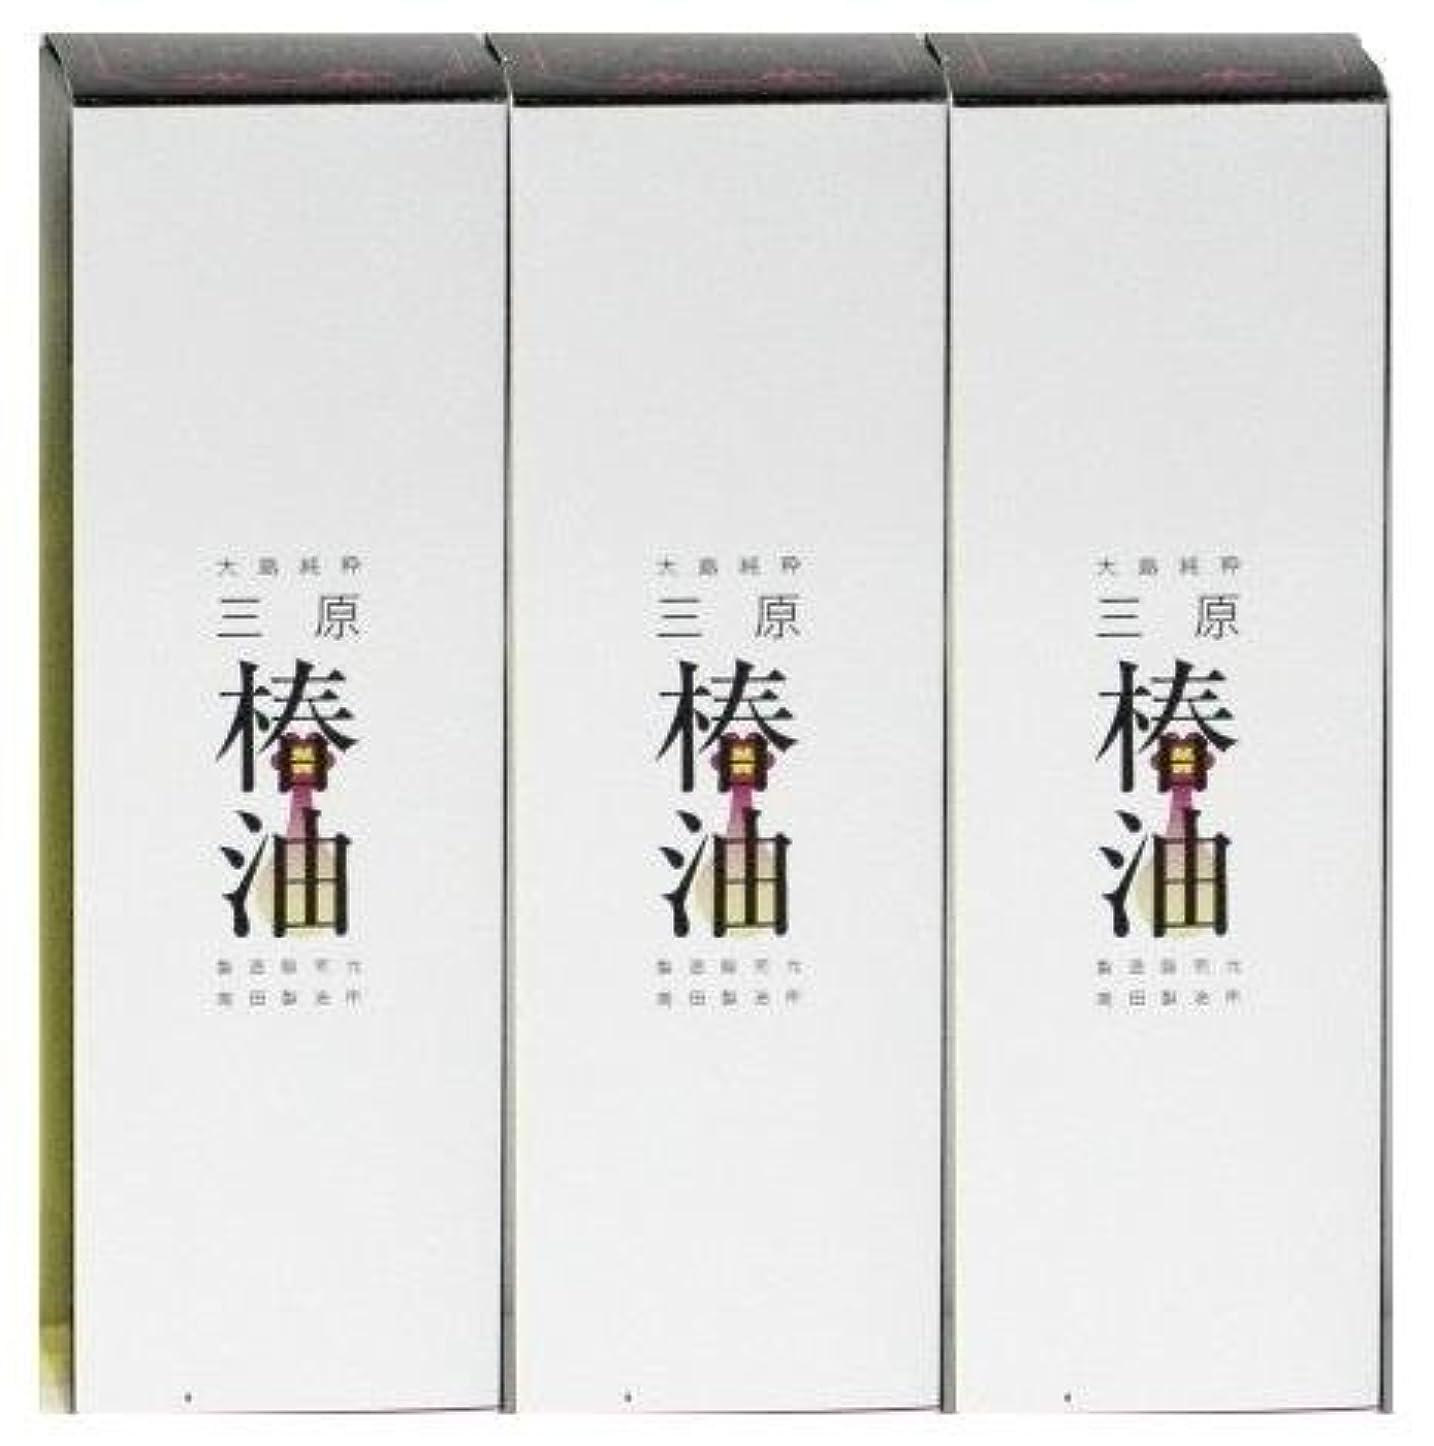 ペフバケツワンダー【伊豆大島のヤブ椿100%】大島純粋三原椿油 150mL×3個セット